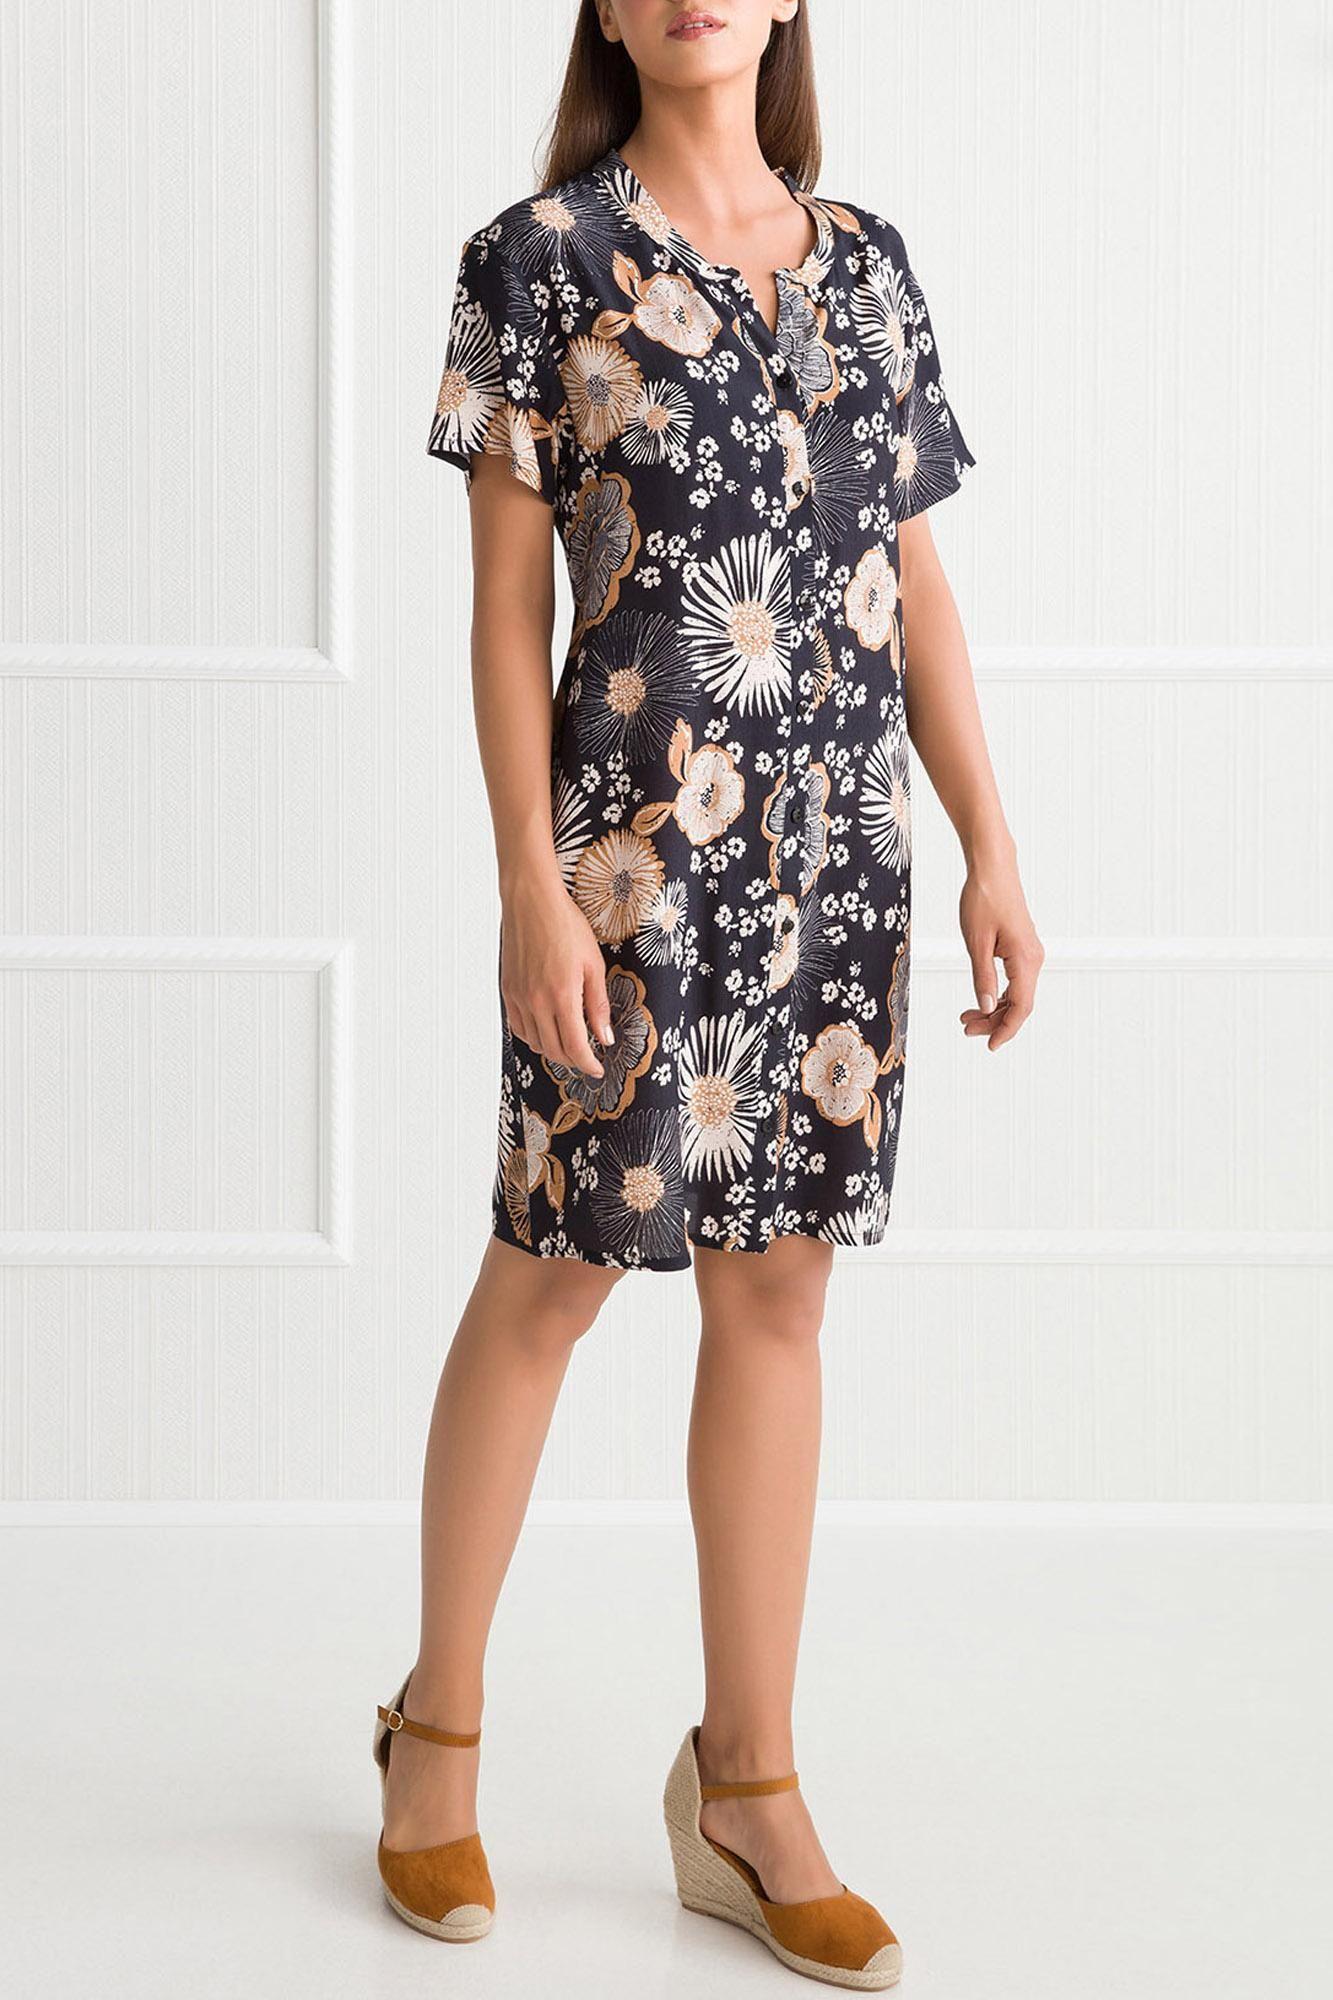 Φόρεμα Σεμιζιέ Σκούρο Εμπριμέ